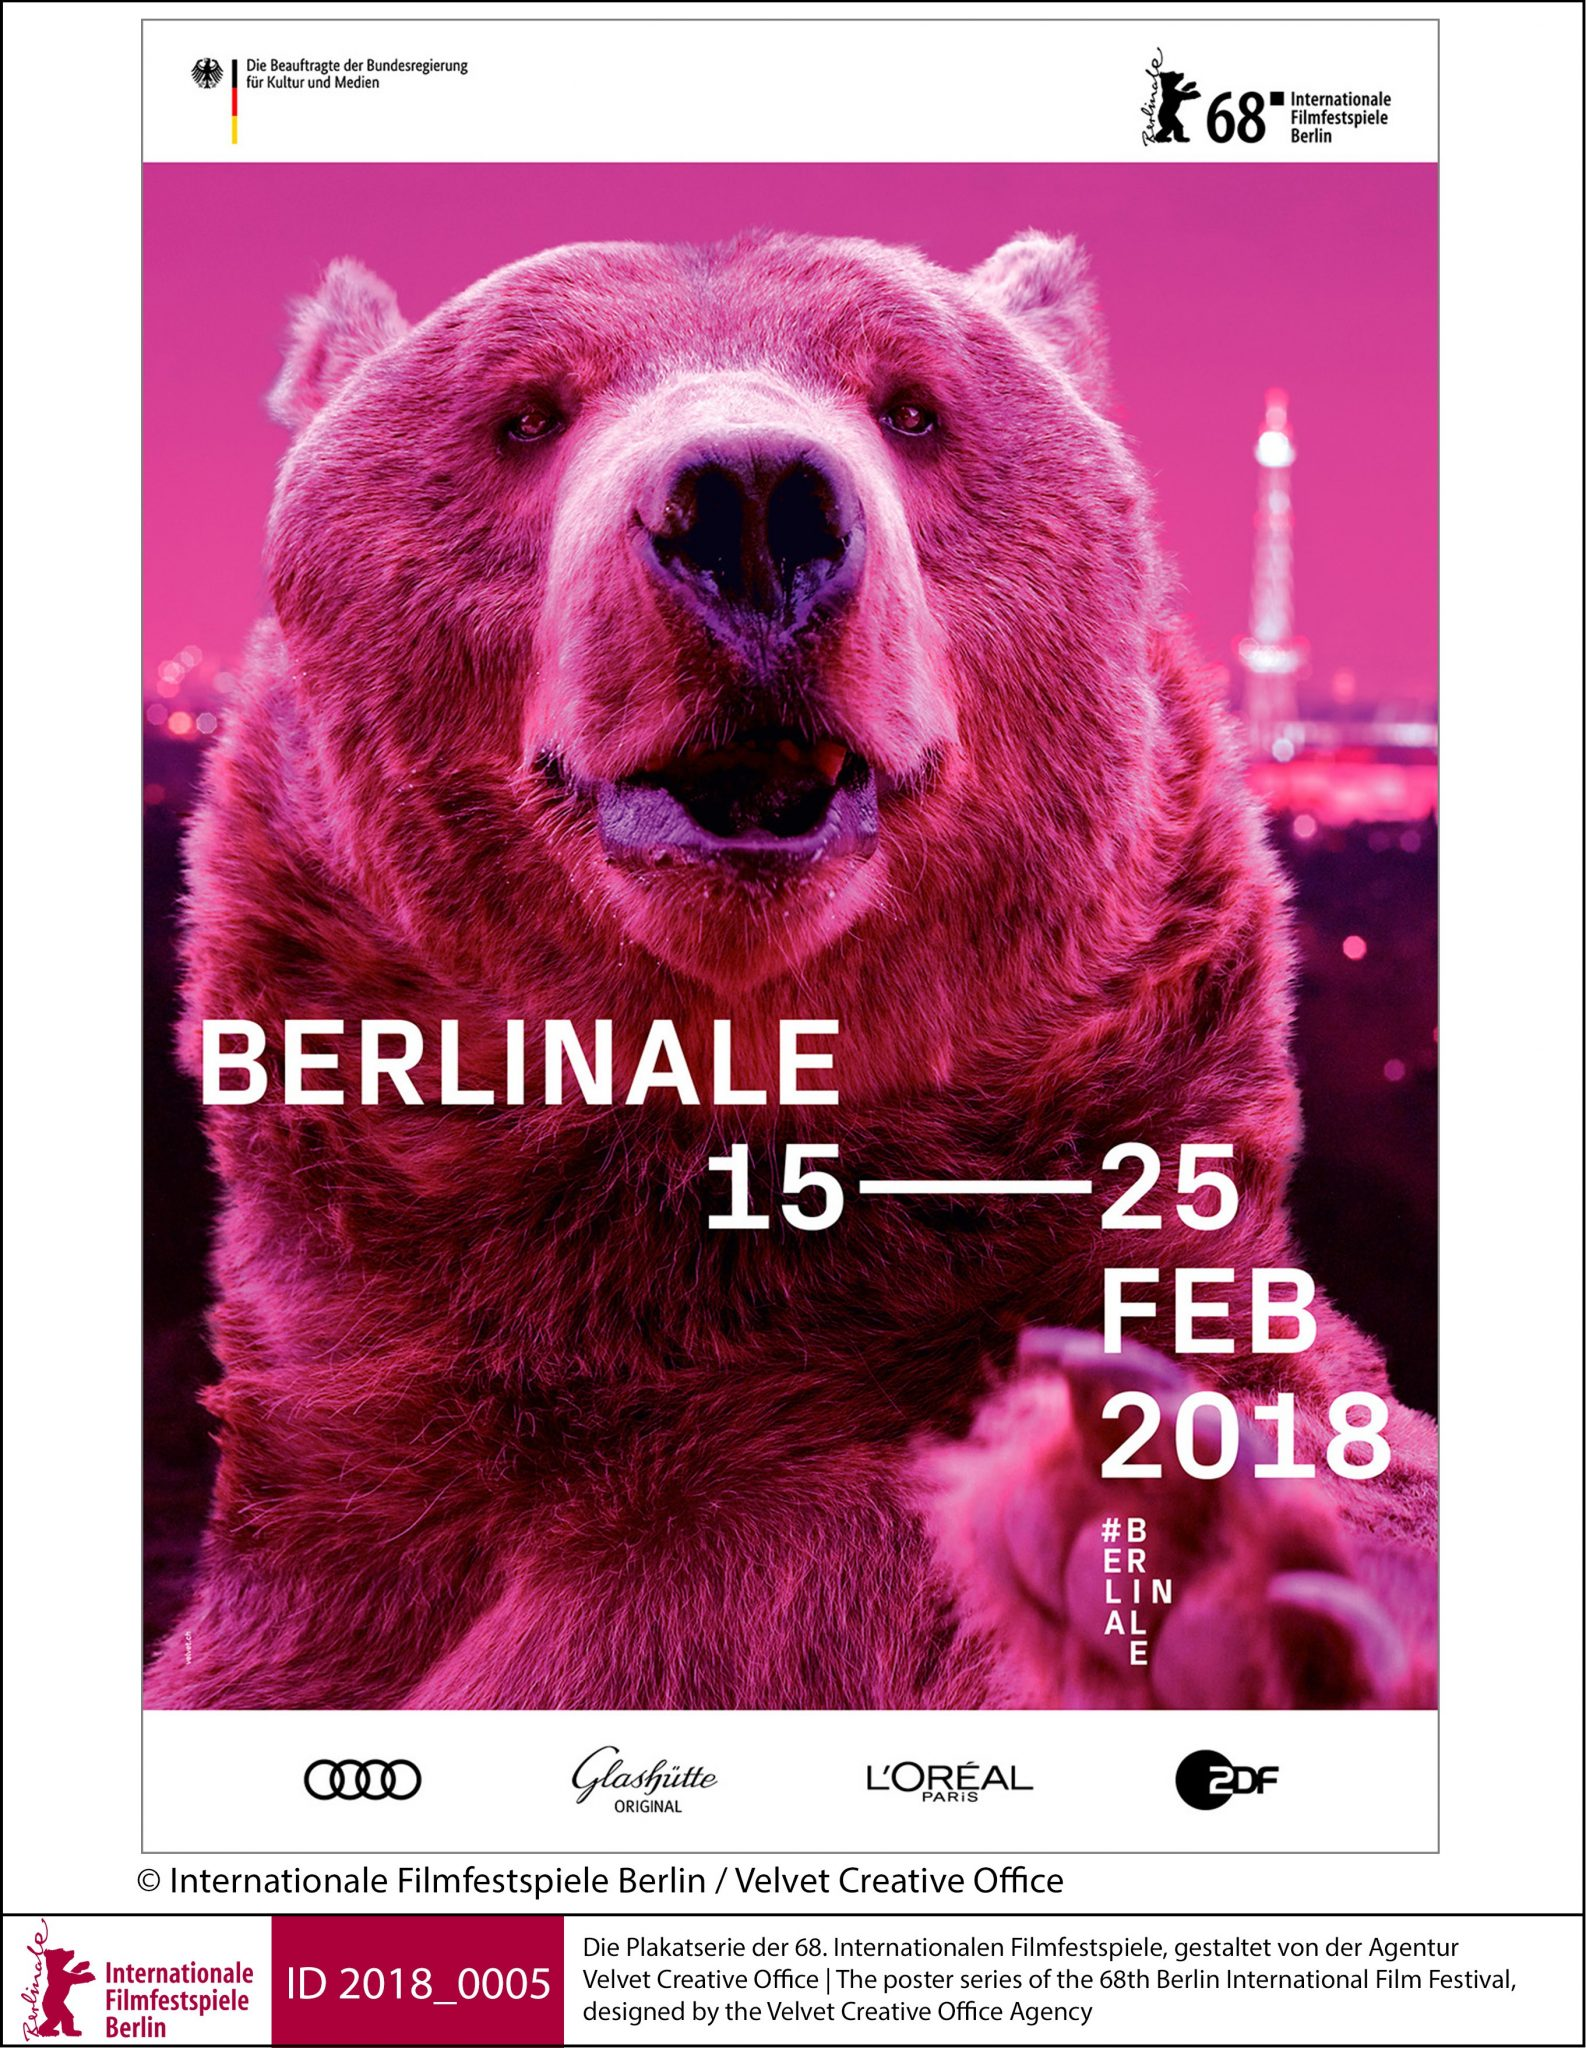 Berlinale Plakat der 68. Internationalen Filmfestspiele, gestaltet von der Agentur Velvet Creative Office